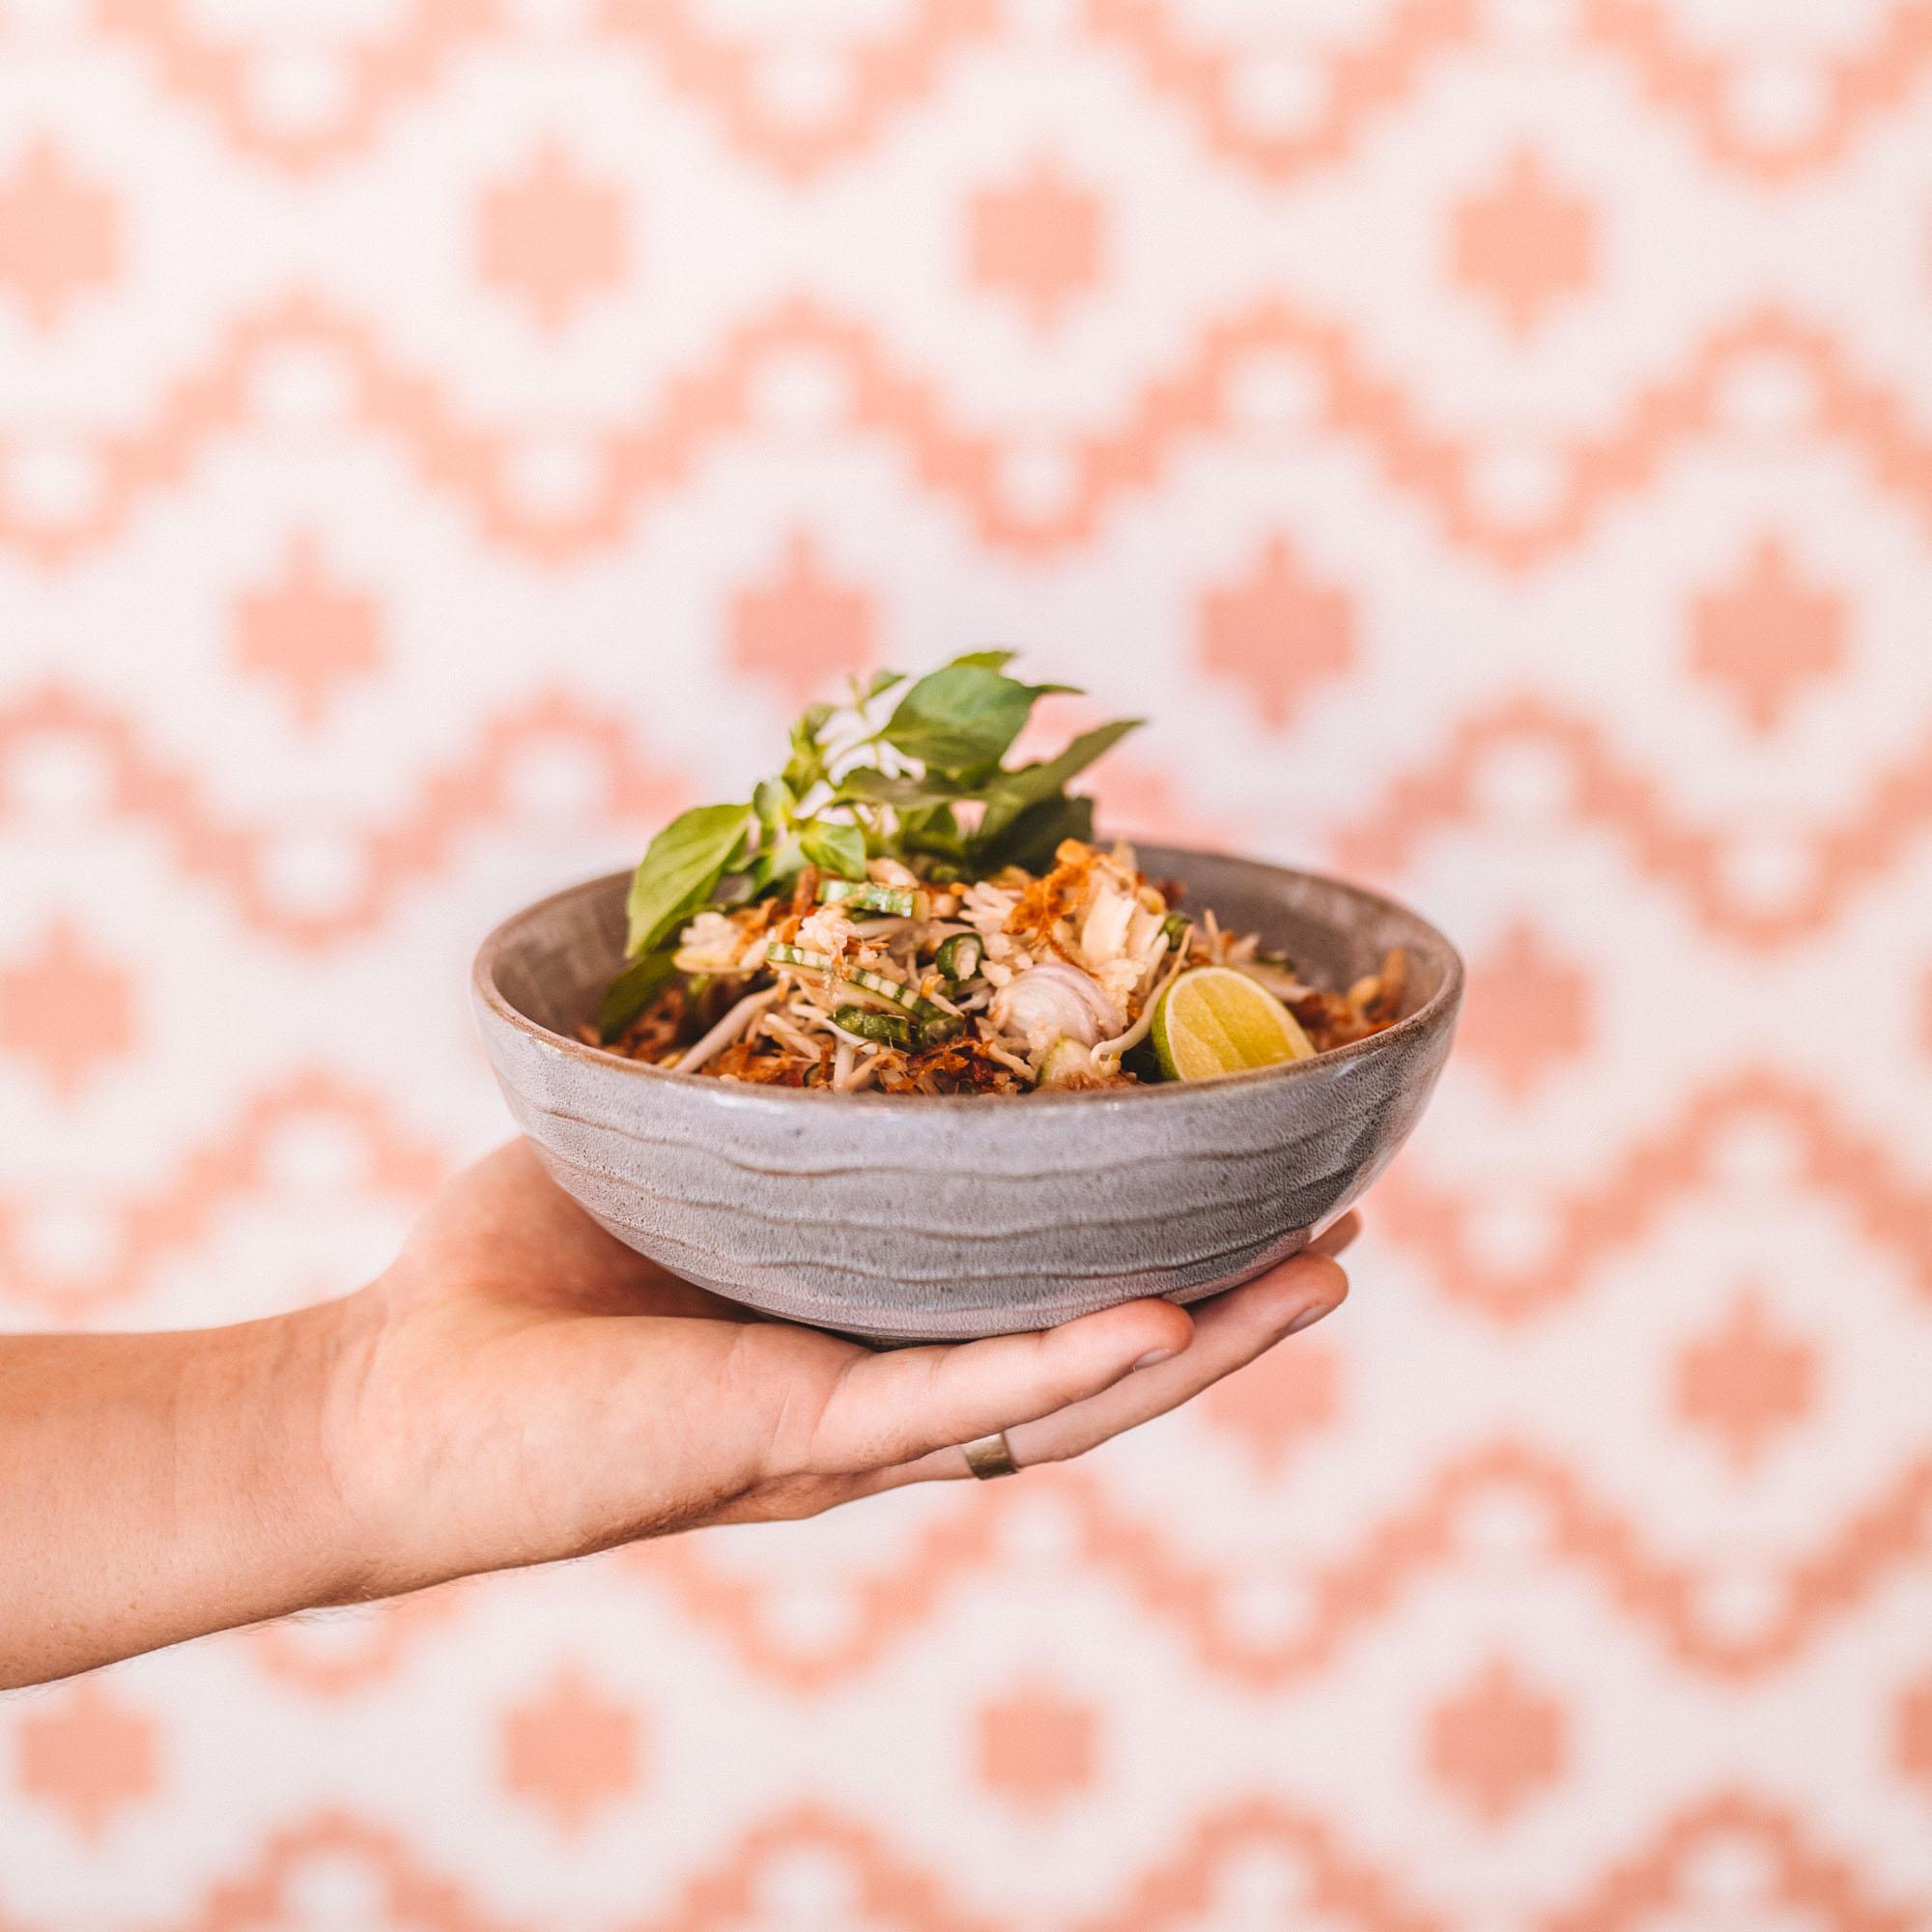 keira-mason-ulekan-holding-salad-bowl.jpg